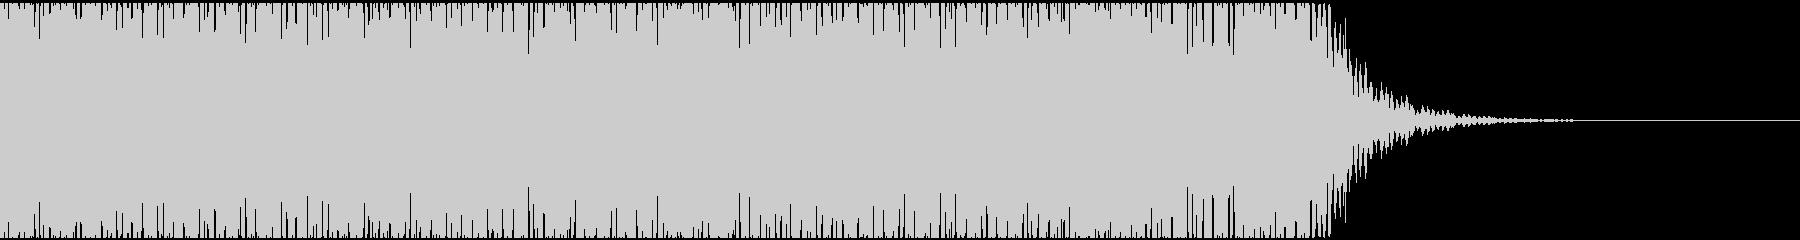 【エレクトロニカ】電子テクノ、ジングル4の未再生の波形